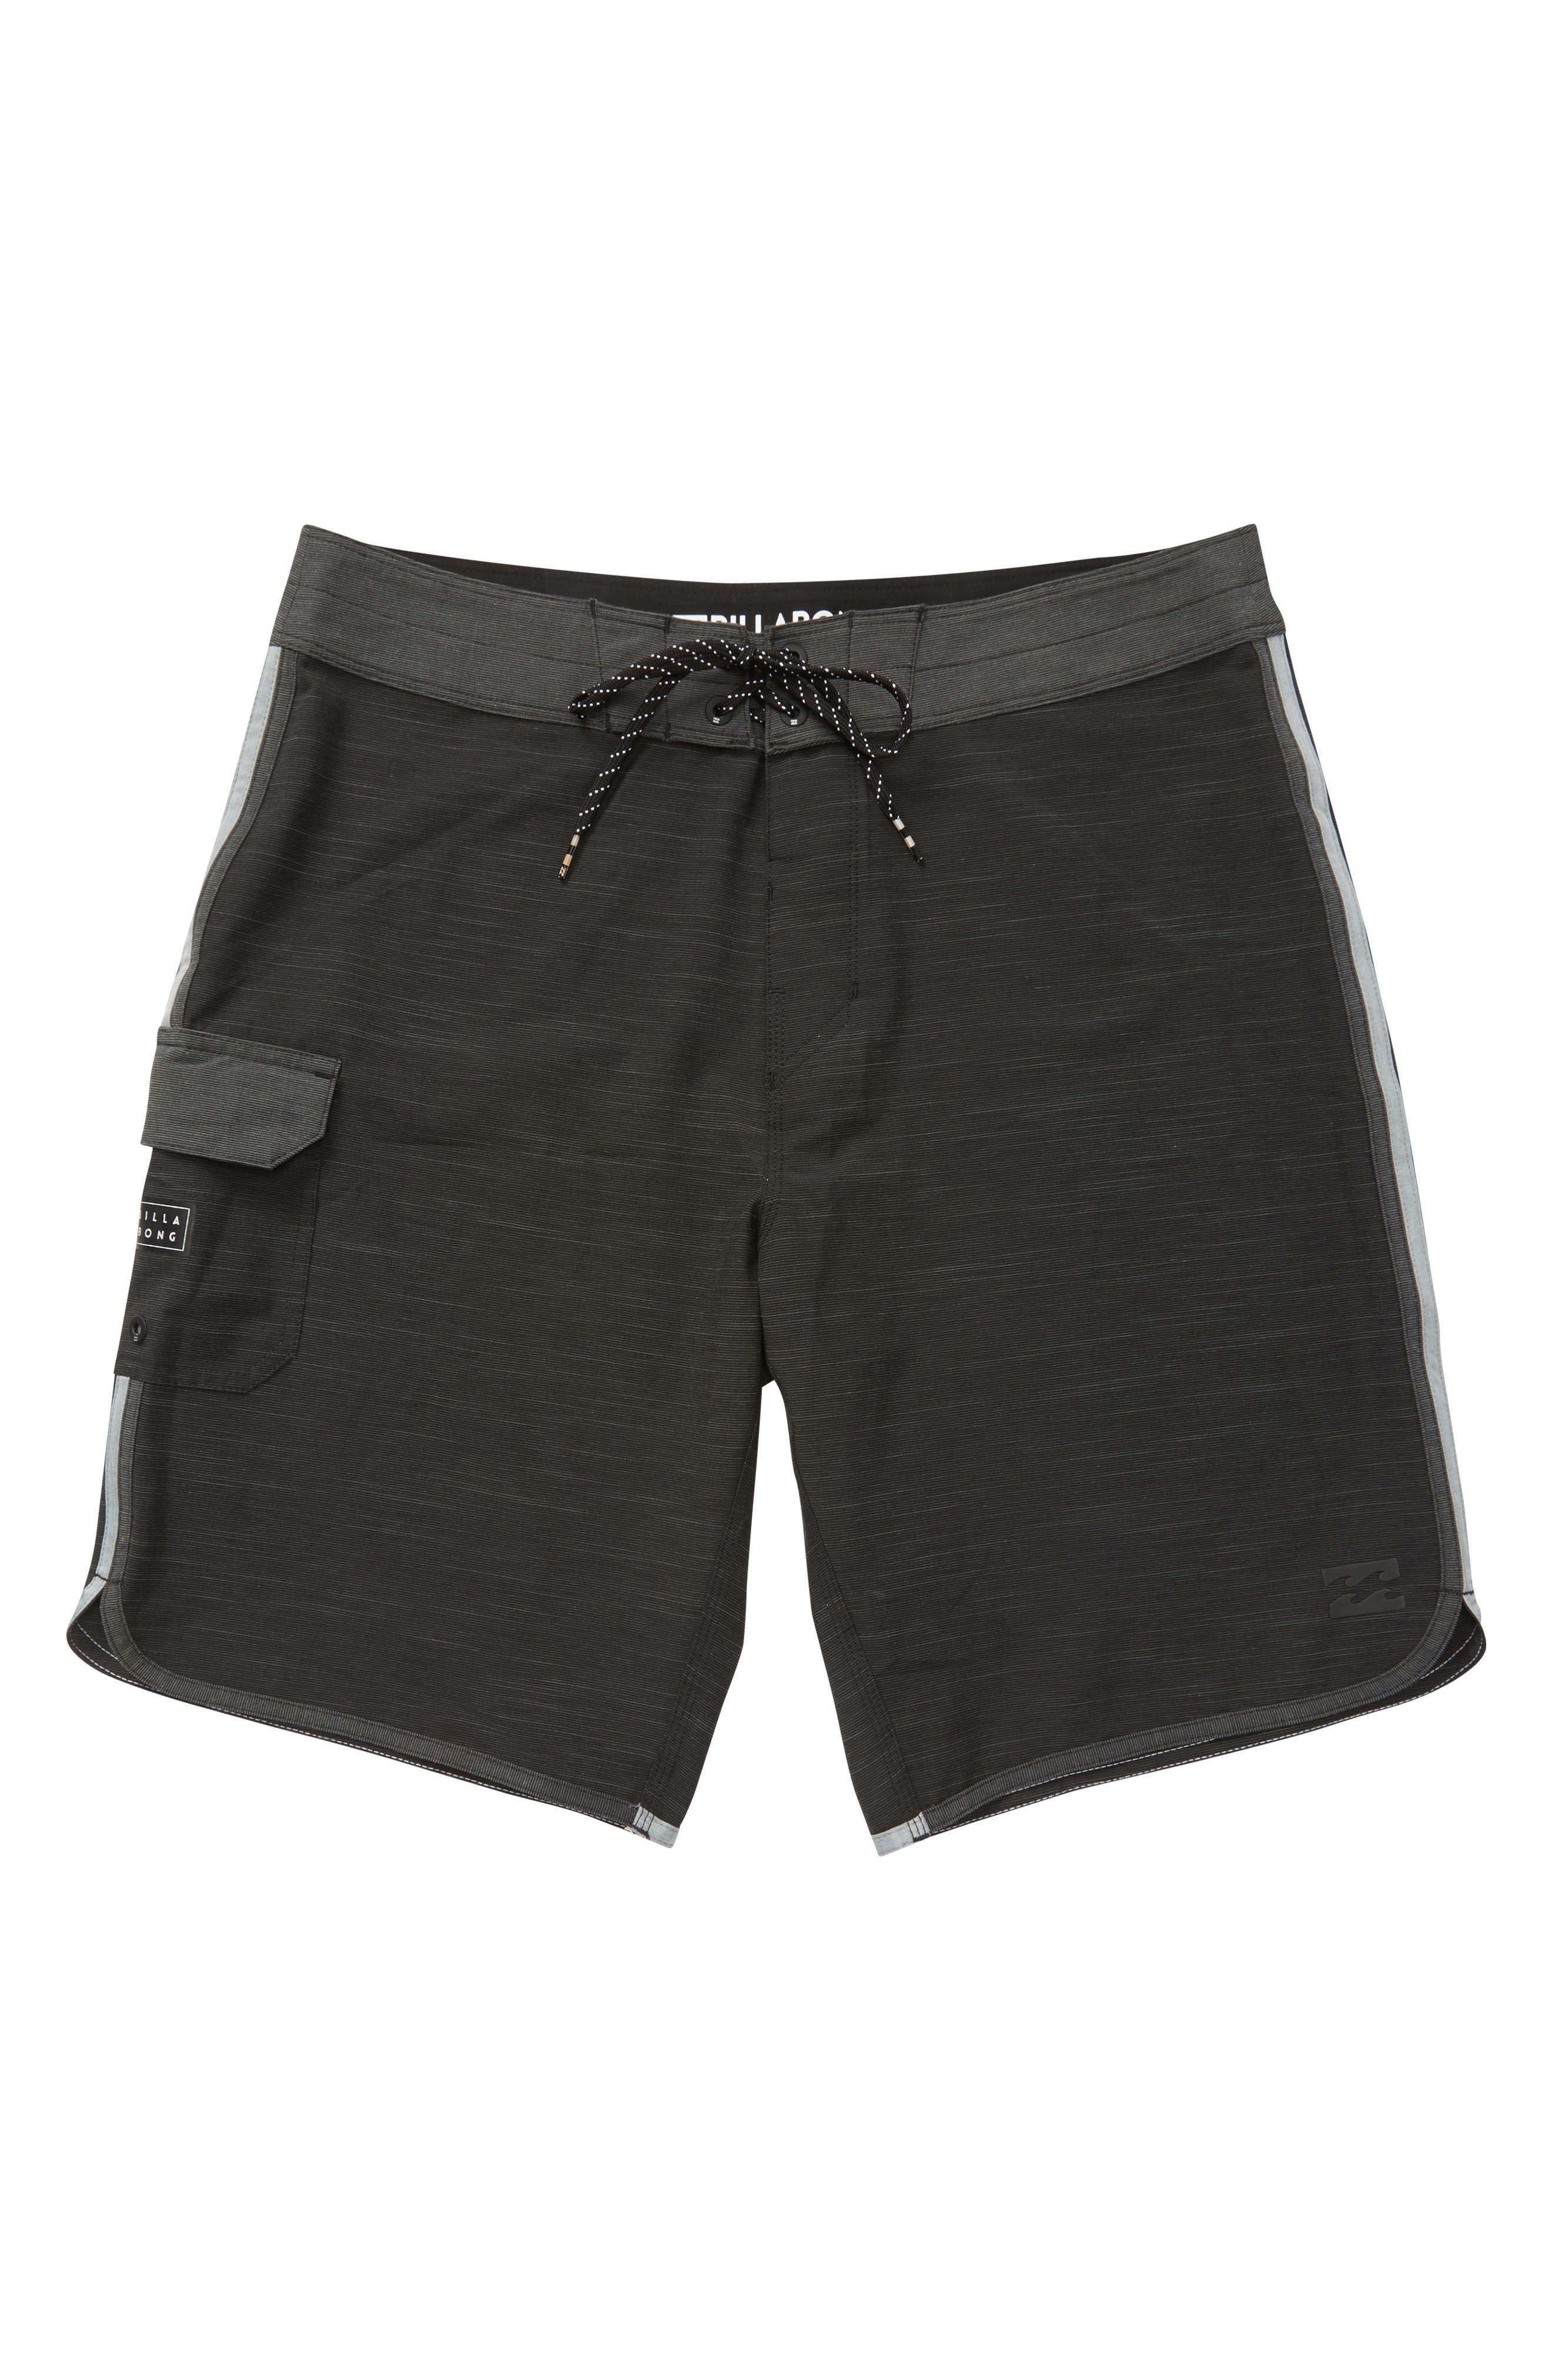 73 X Board Shorts,                             Main thumbnail 1, color,                             Black